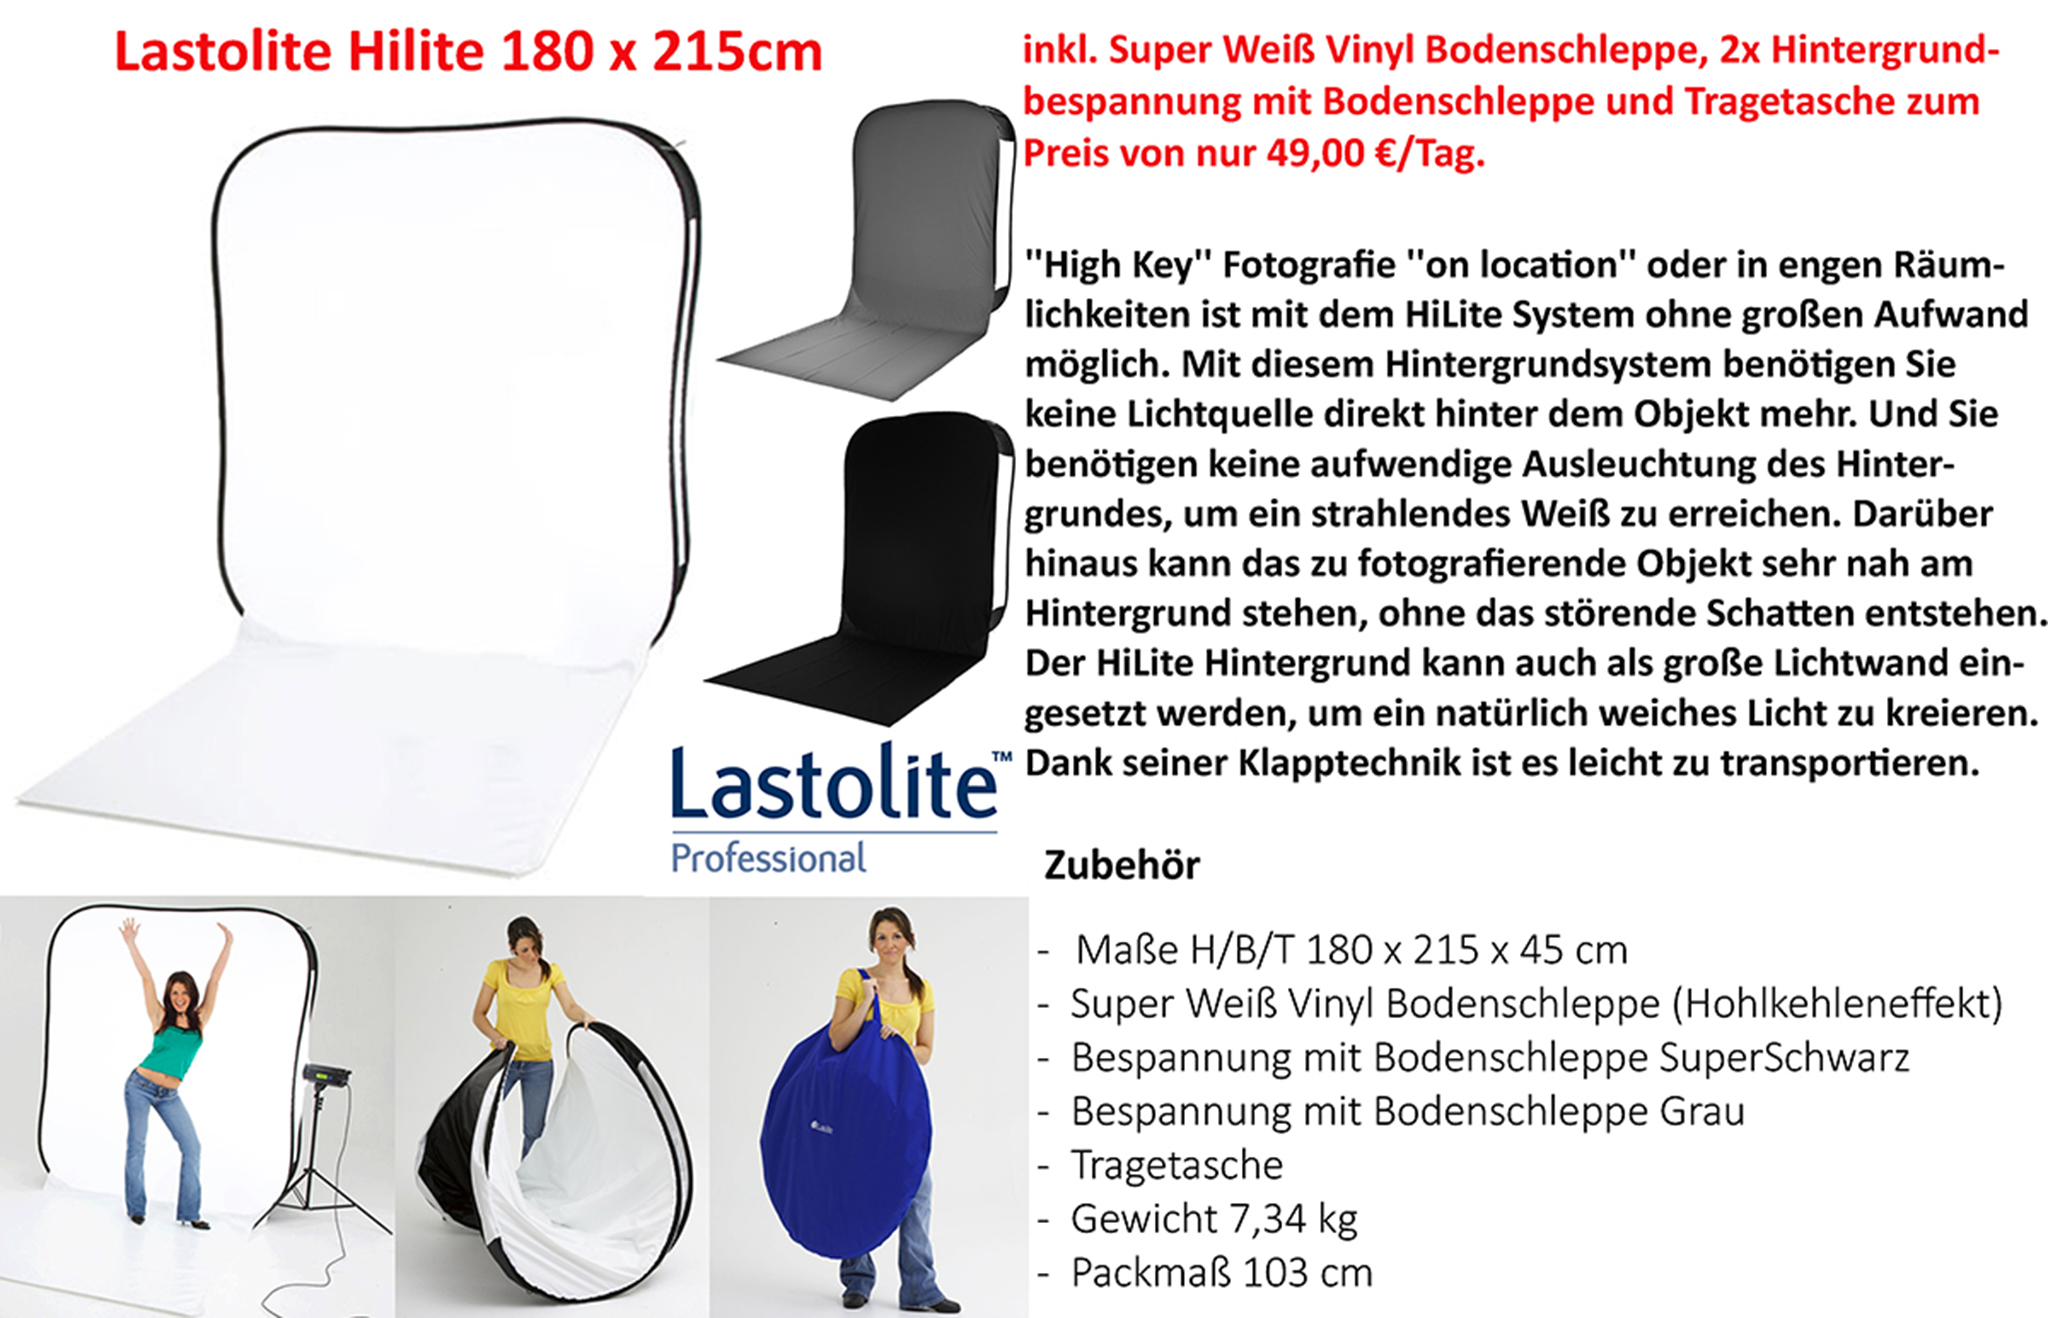 Lastolite Hilite Leuchthintergrund 180 x 215cm